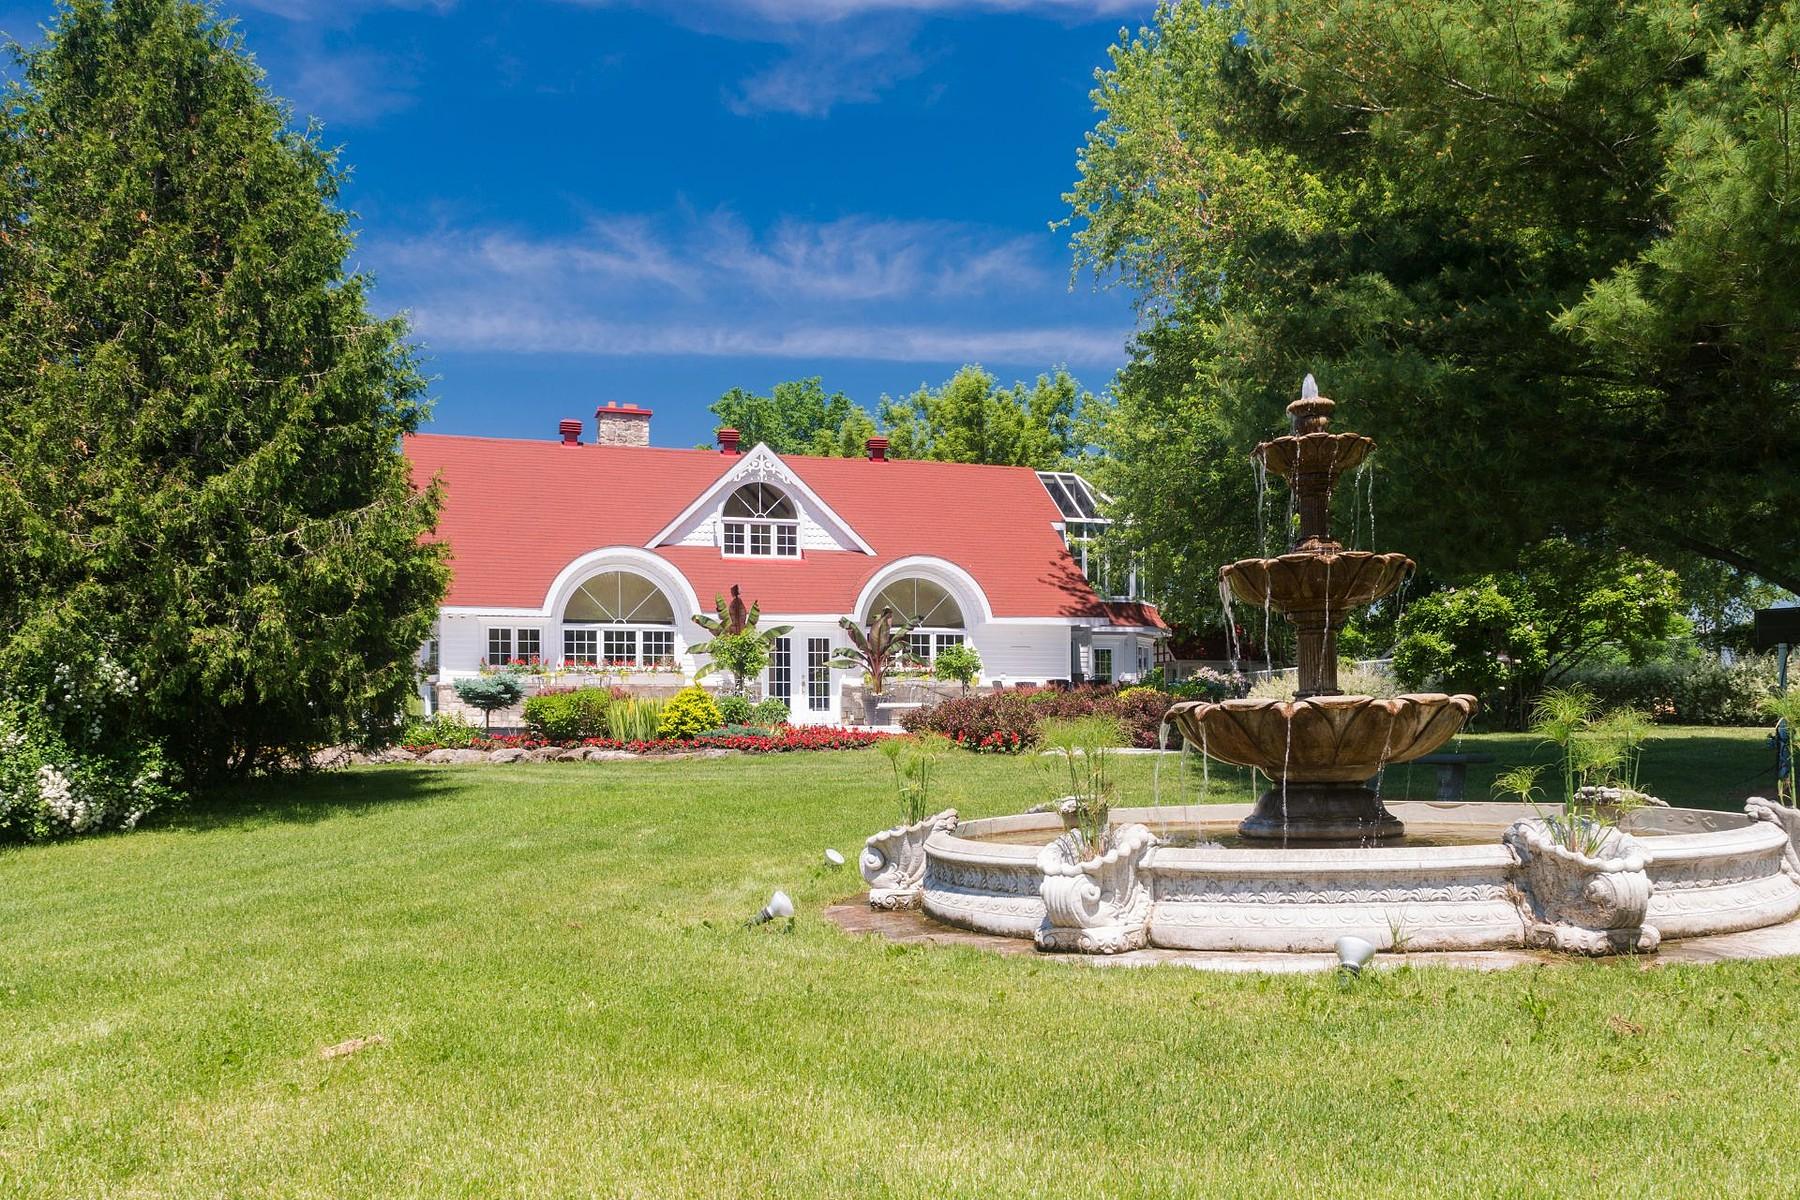 Single Family Home for Sale at Sainte-Clotilde-de-Châteauguay, Montérégie 959 2e Rang, Sainte Clotilde, Quebec, J0L1W0 Canada